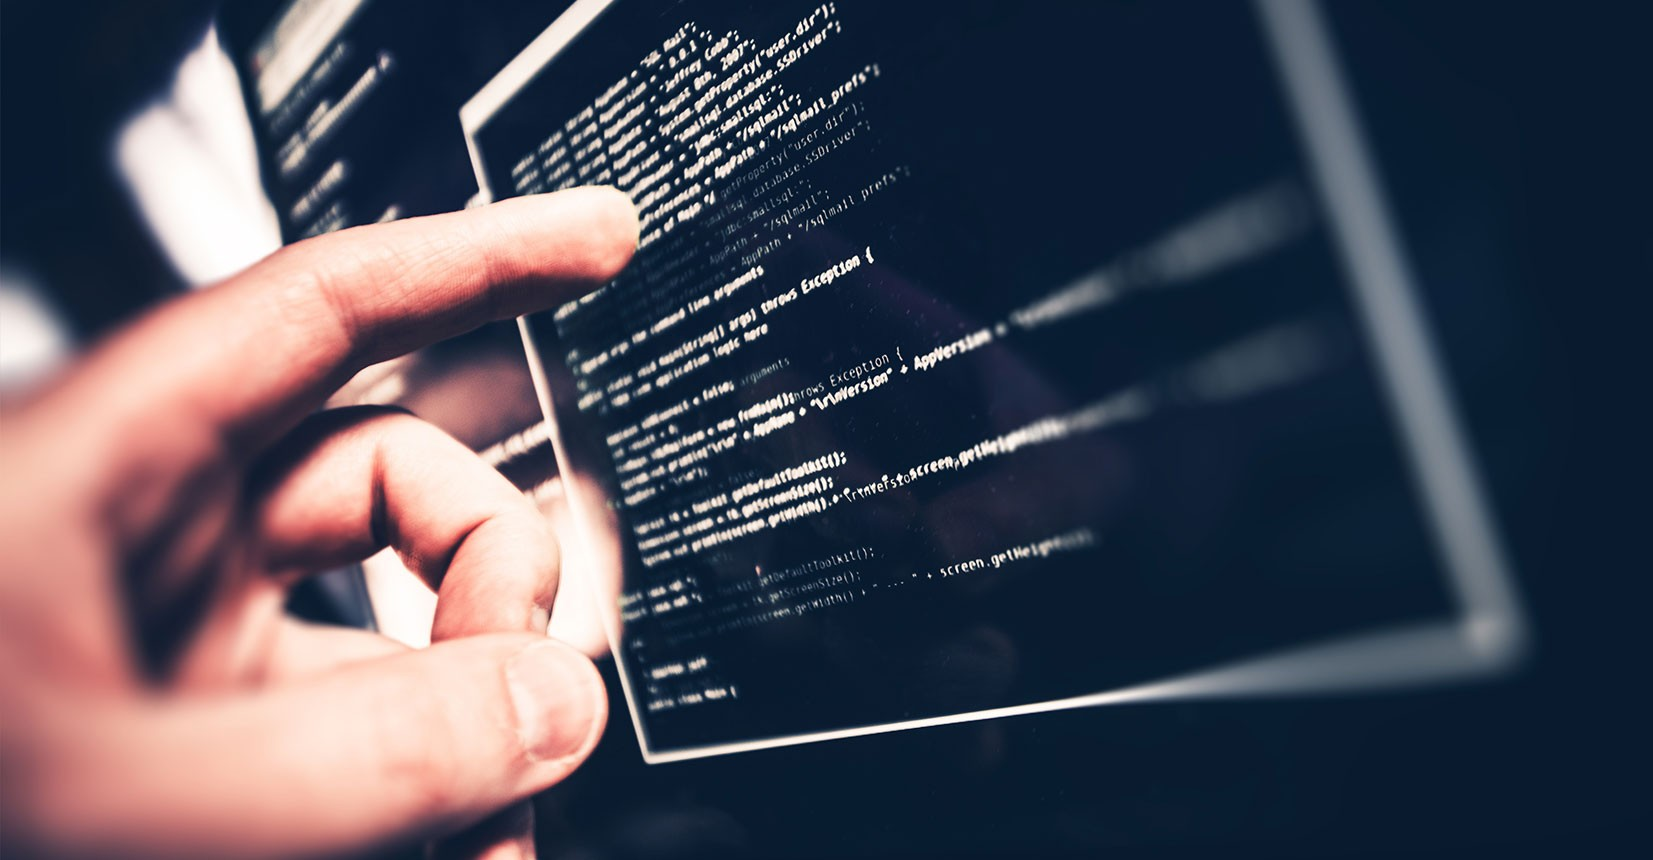 Отток ИТ-специалистов сможет остановить реестр отечественного программного обеспечения – НПП «Атамекен»